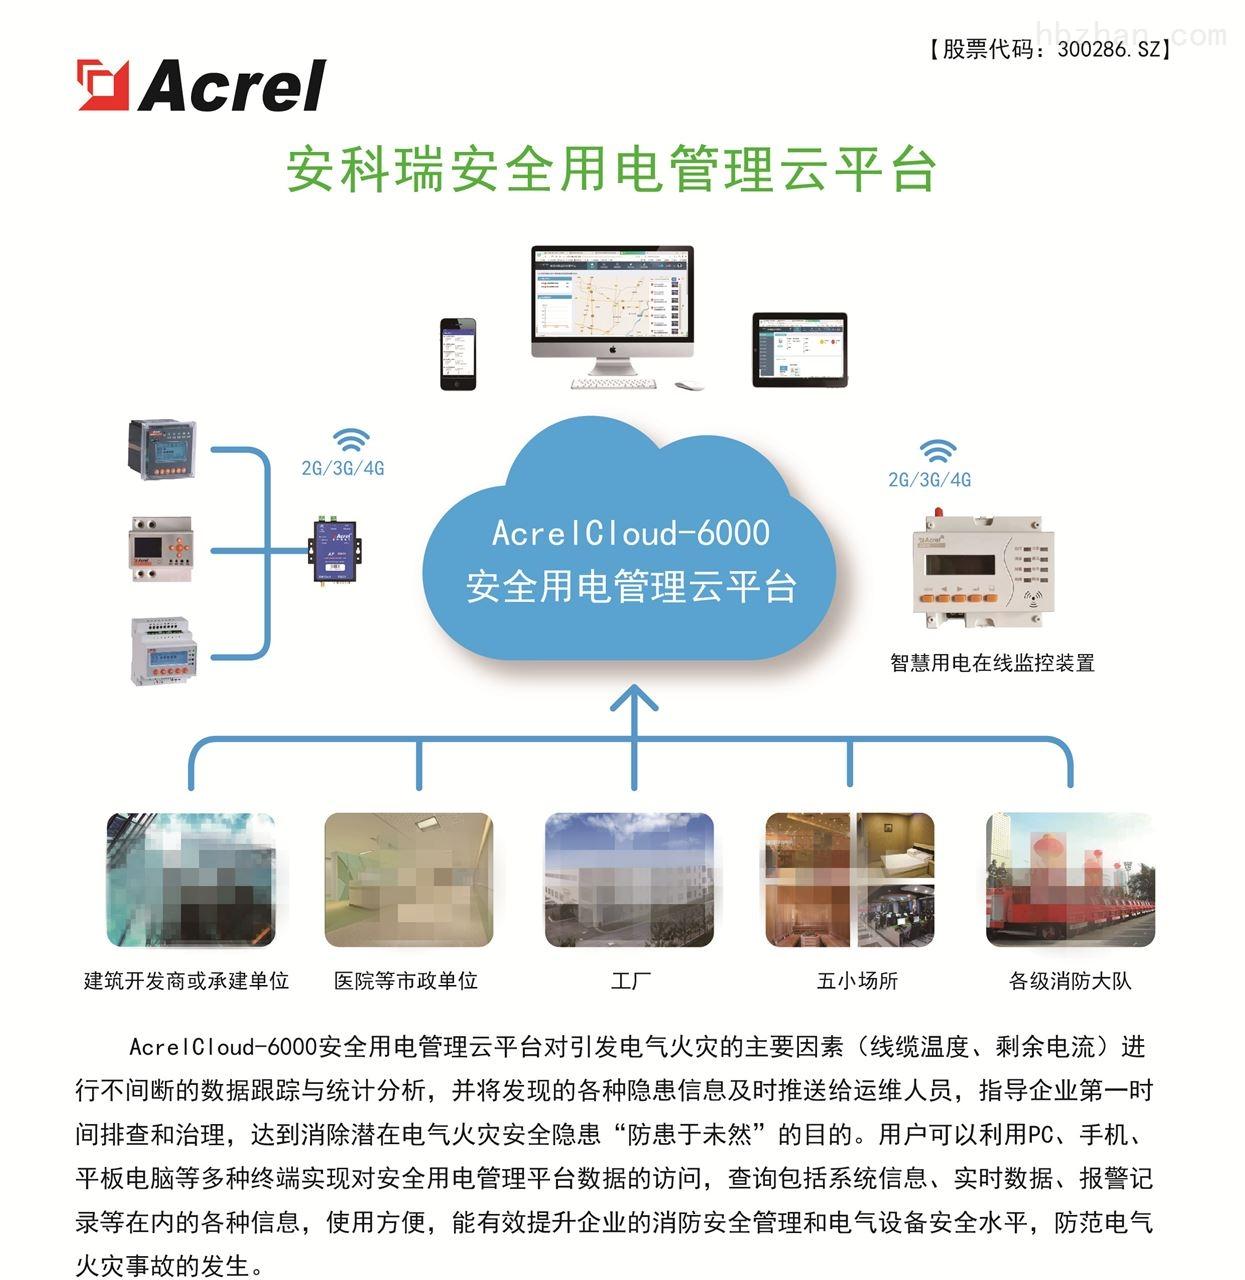 广西玉林市智慧用电监控系统—架构方案